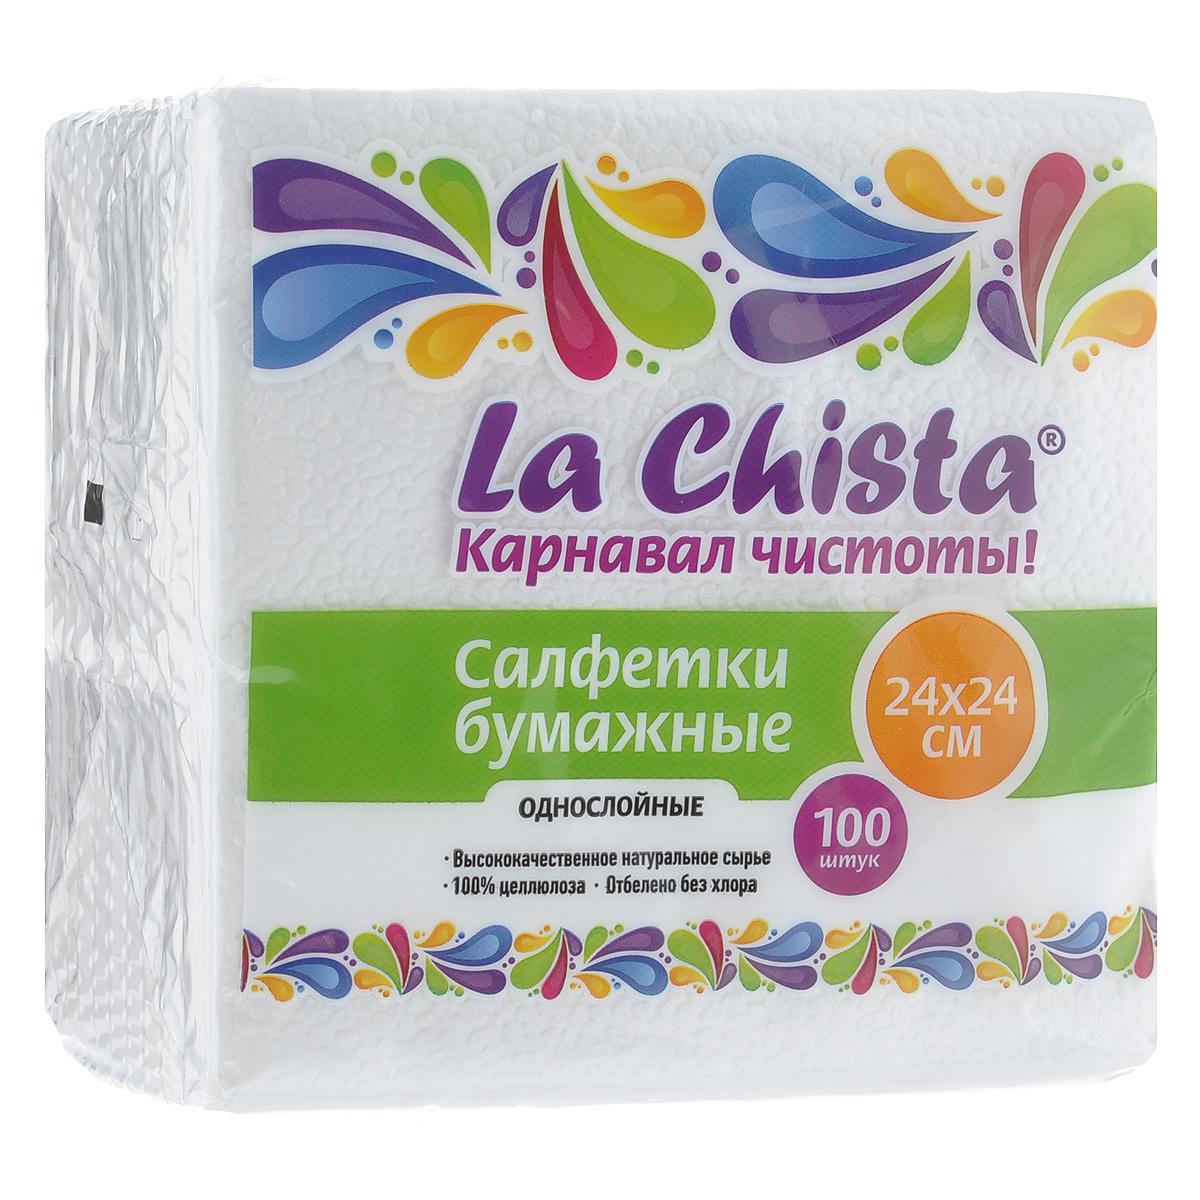 """Однослойные салфетки """"La Chista"""" выполнены из 100% целлюлозы. Салфетки подходят для косметического, санитарно-гигиенического и хозяйственного назначения. Нежные и мягкие. Салфетки украшены узором.Размер салфеток: 24 см х 24 см"""